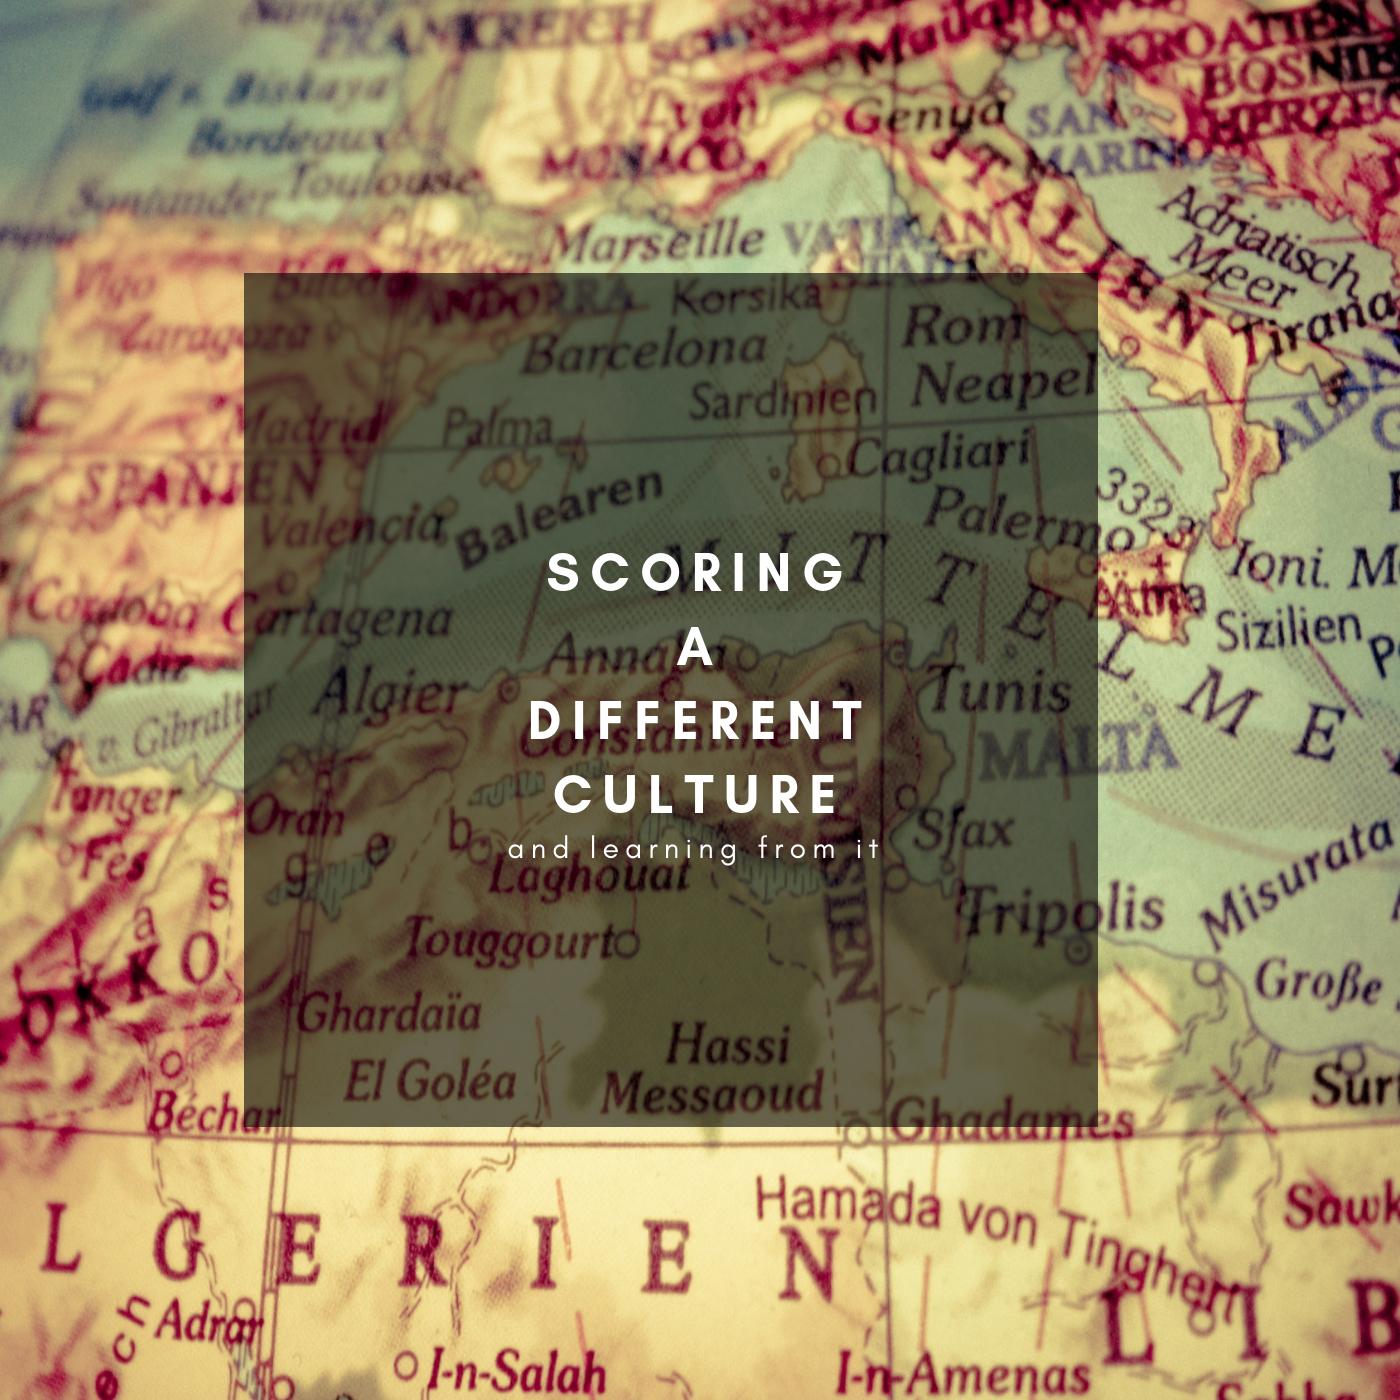 Scoring a Different Culture - Alessandro Mastroianni's Blog